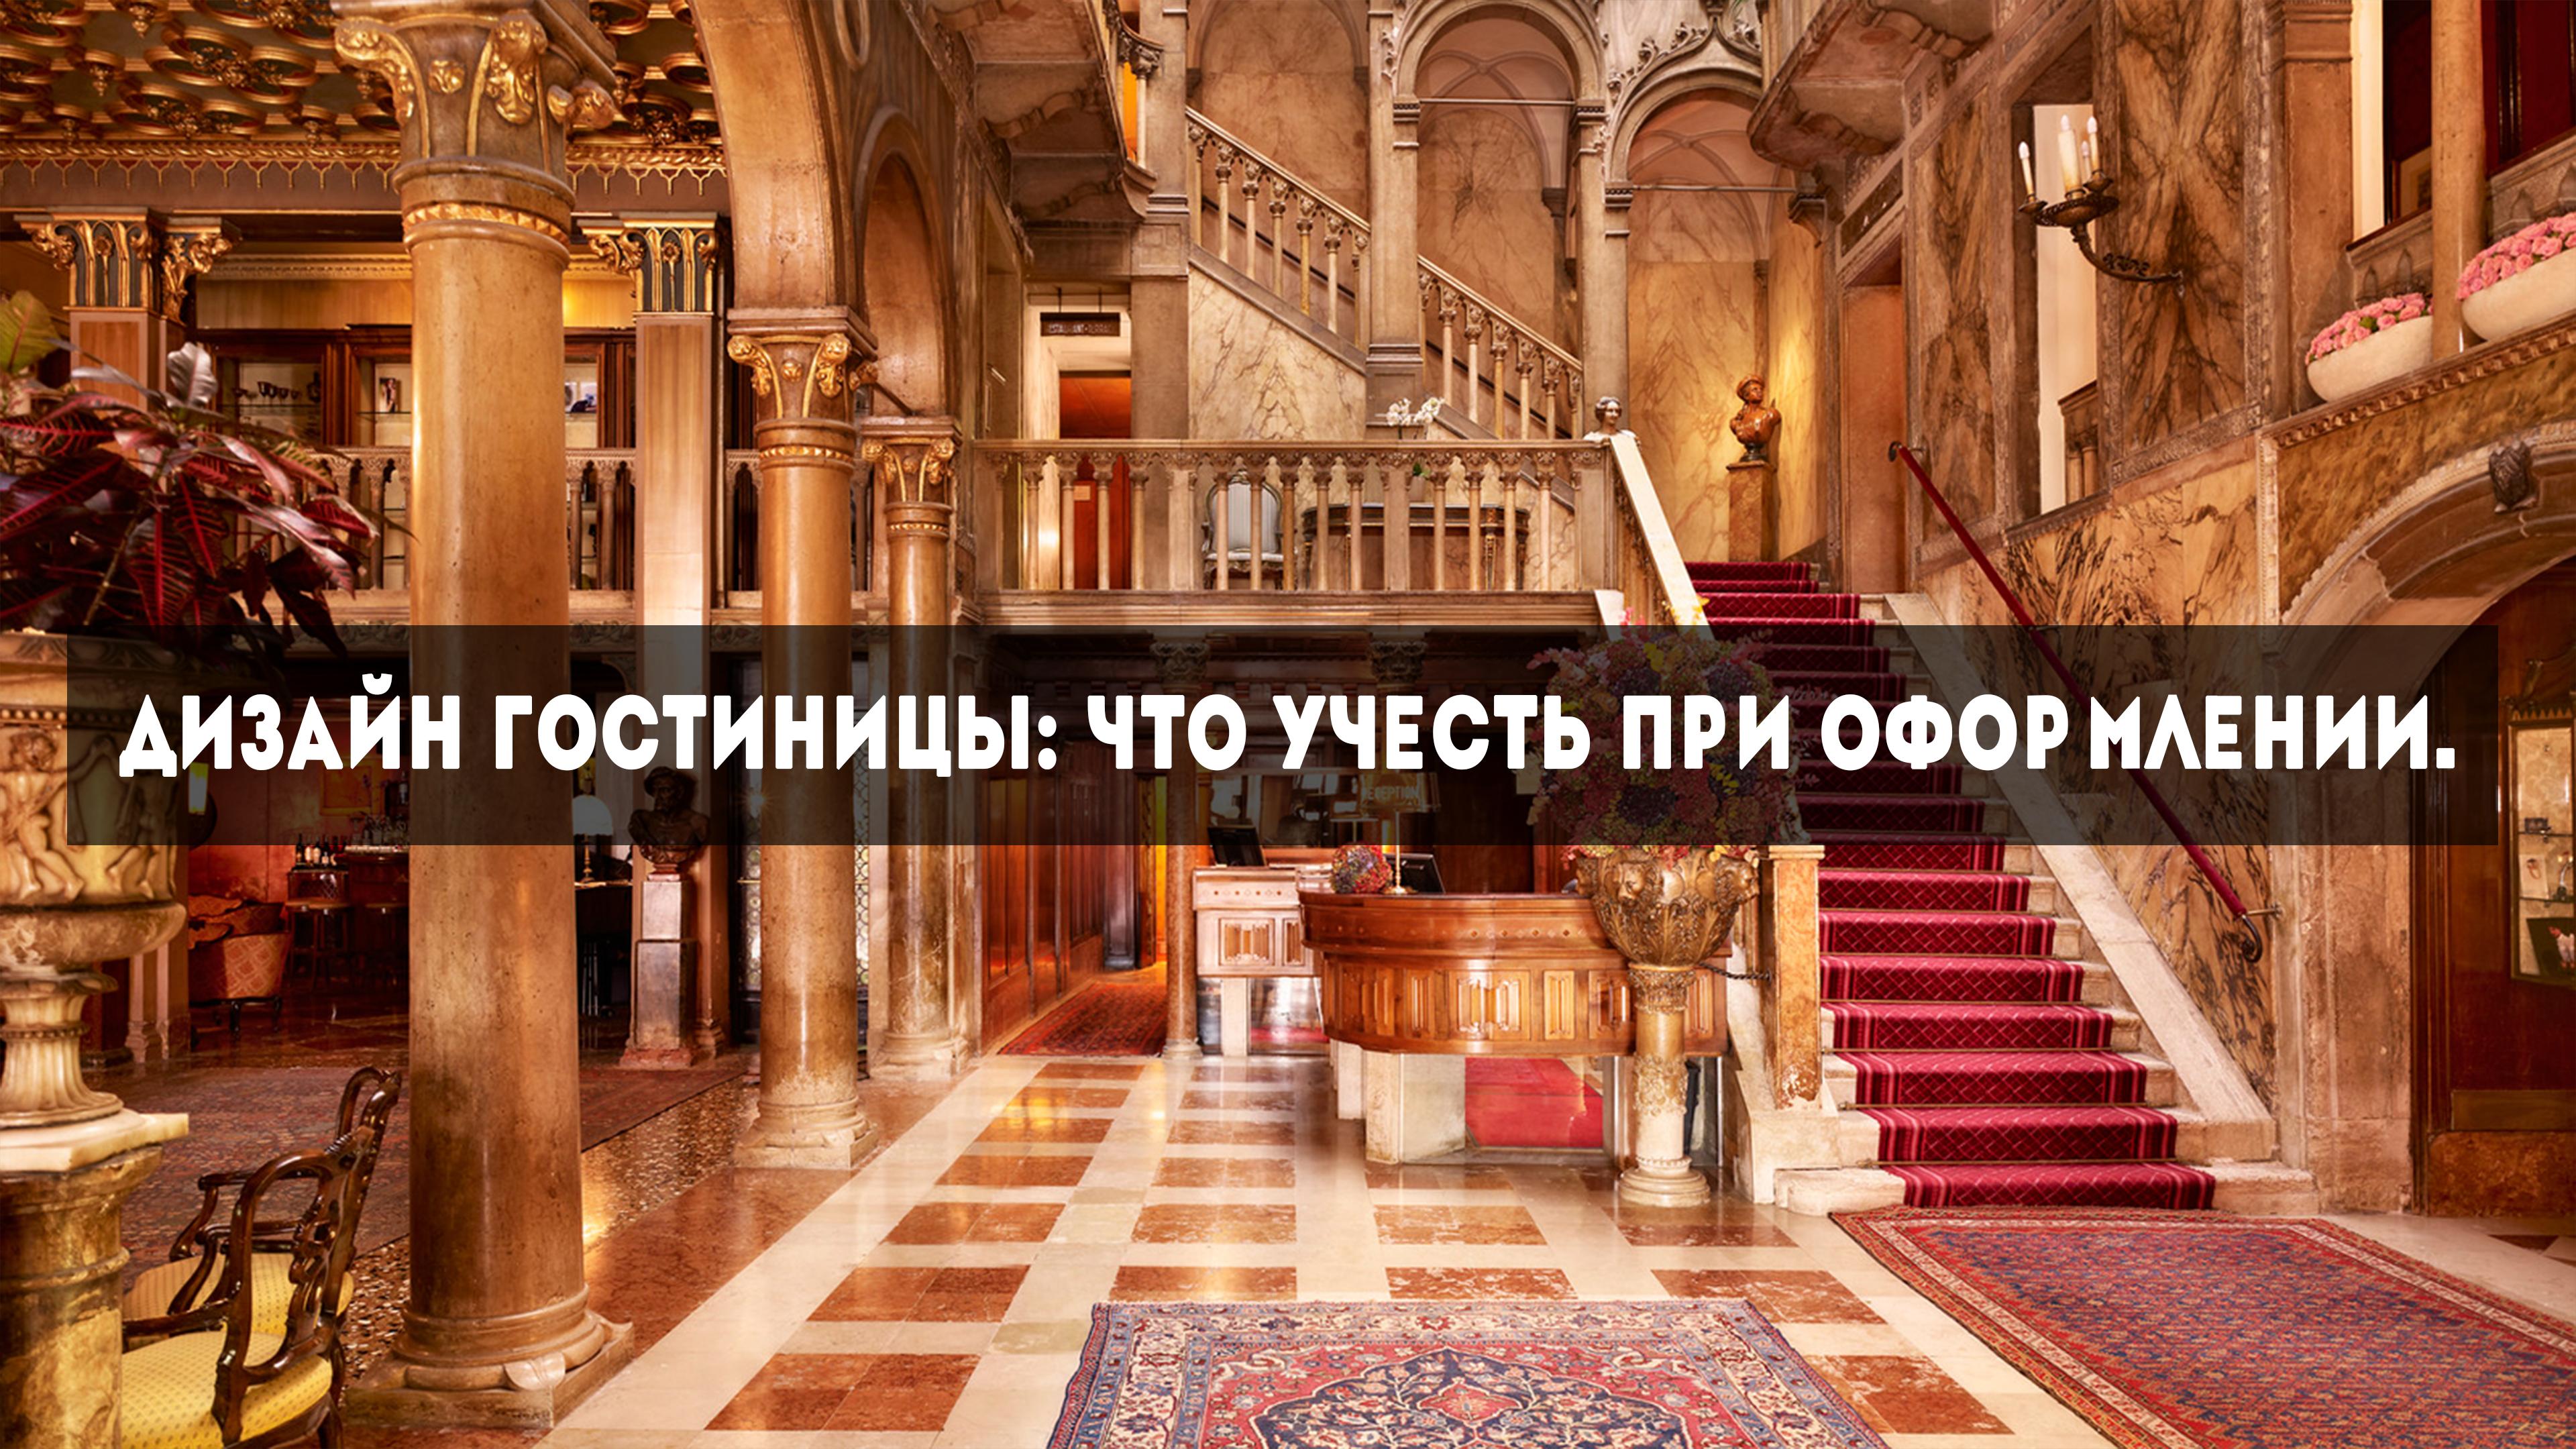 Дизайн гостиницы: что учесть при оформлении.